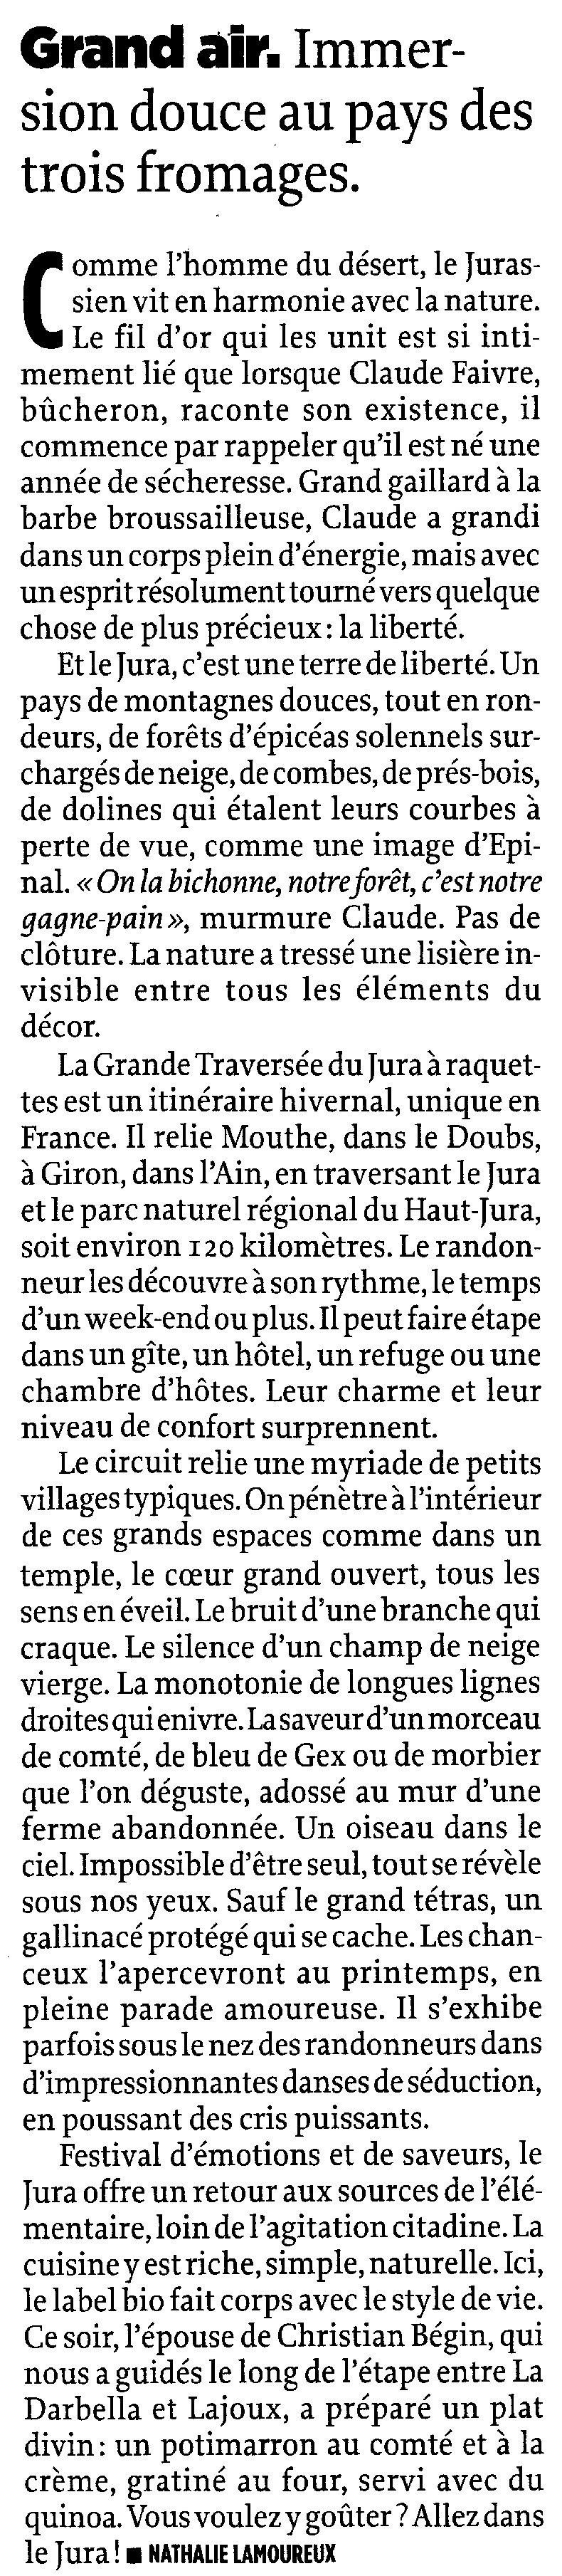 Le journal Le Point a un coup de foudre pour le Jura - 16 décembre 2010 0004